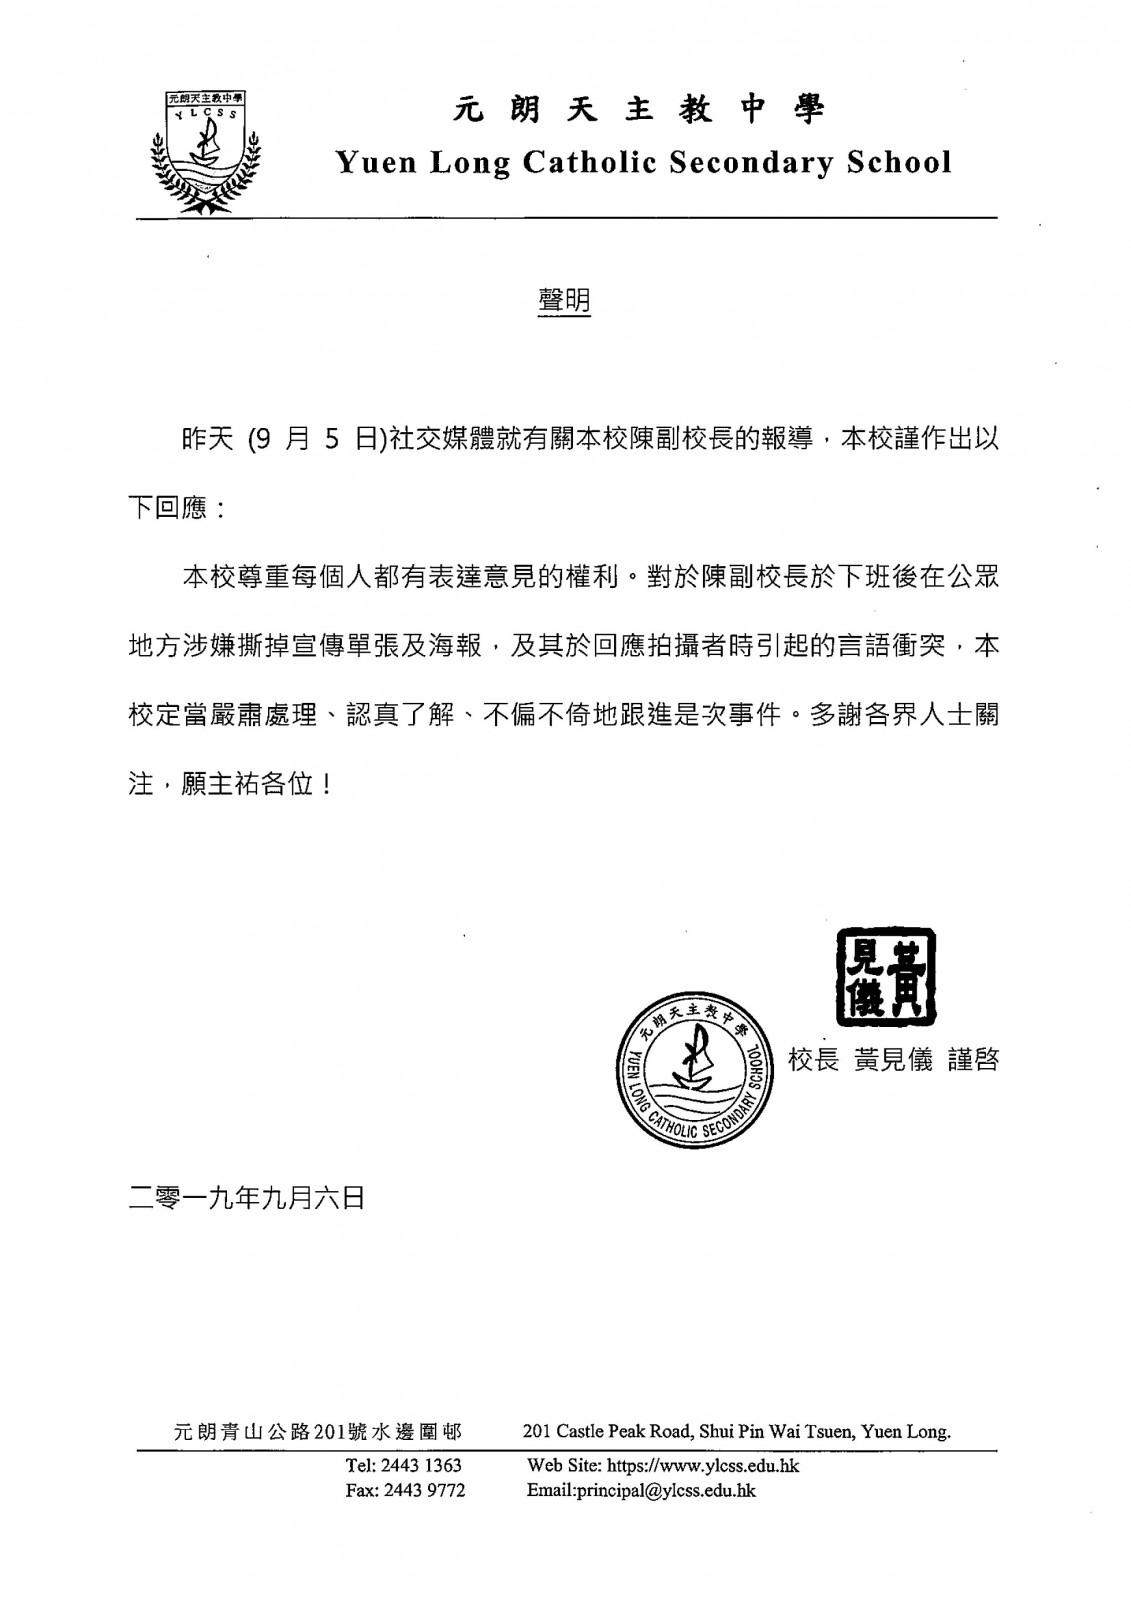 【修例风波】副校长涉爆粗毁连侬墙 元朗天主教中学发声明:严厉处理